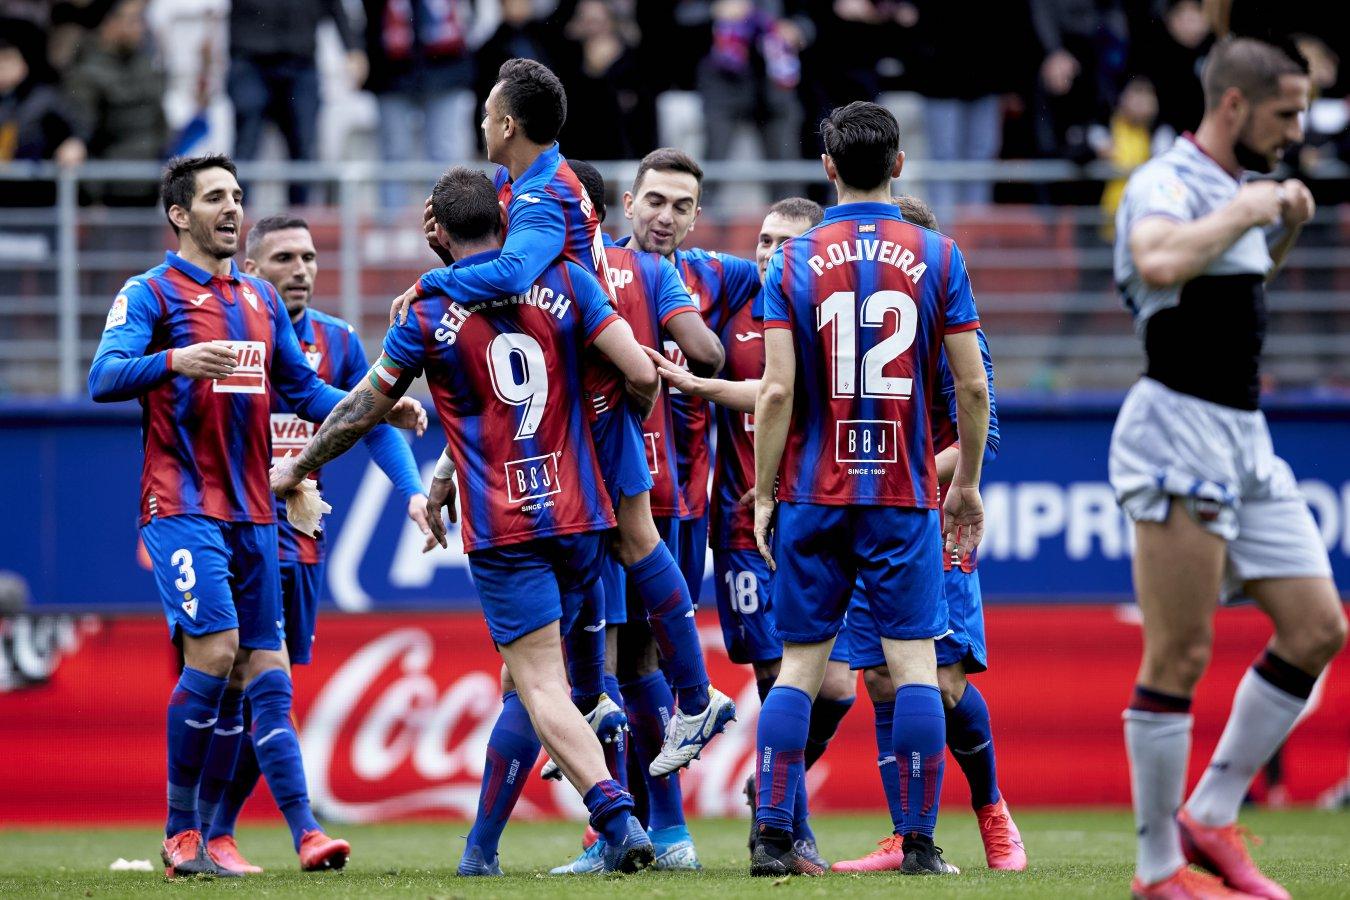 Alegría jugadores del Eibar